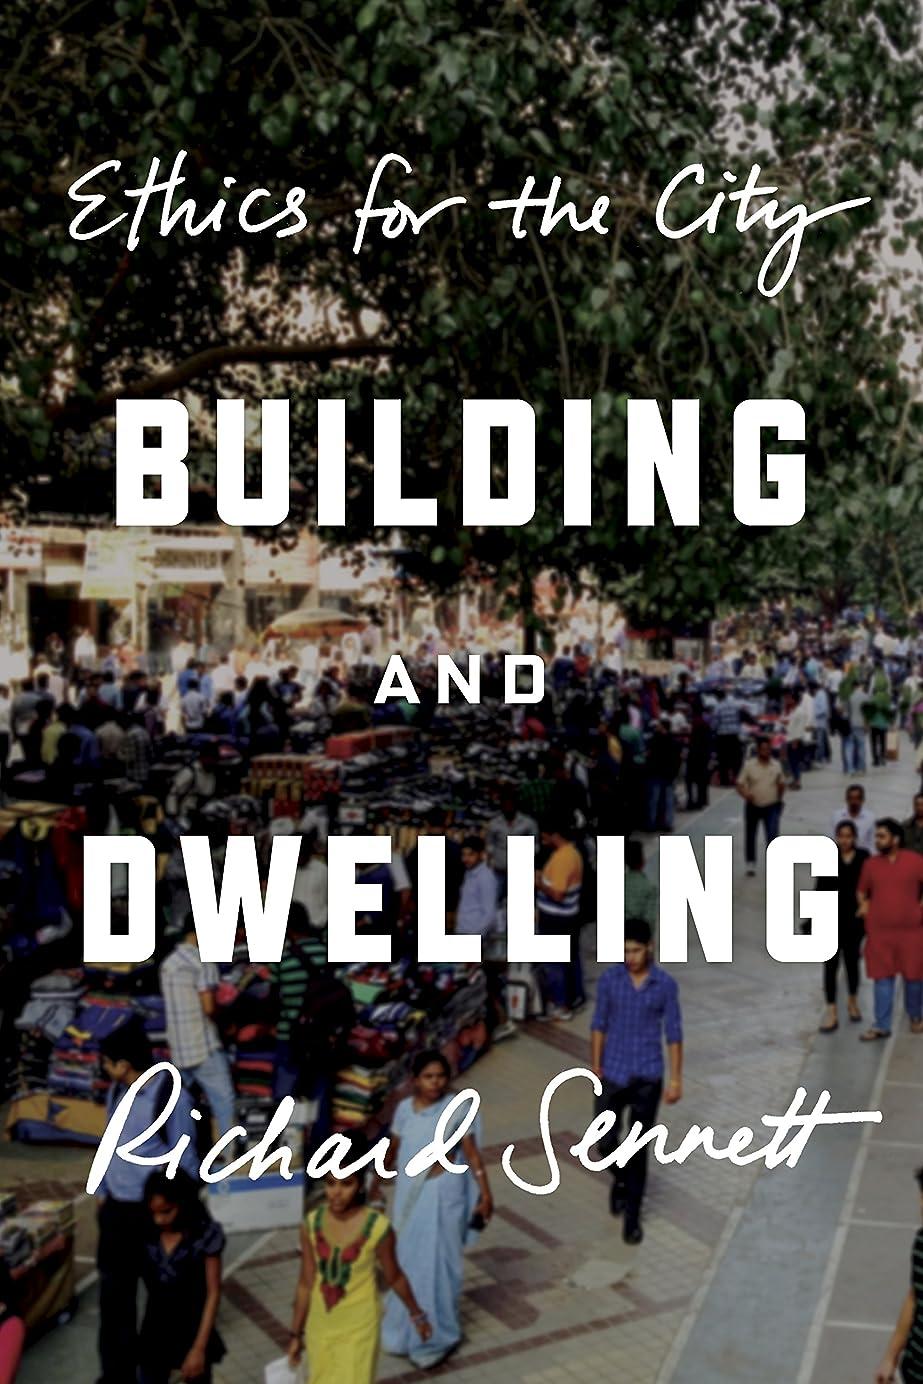 子供達役員異常なBuilding and Dwelling: Ethics for the City (English Edition)